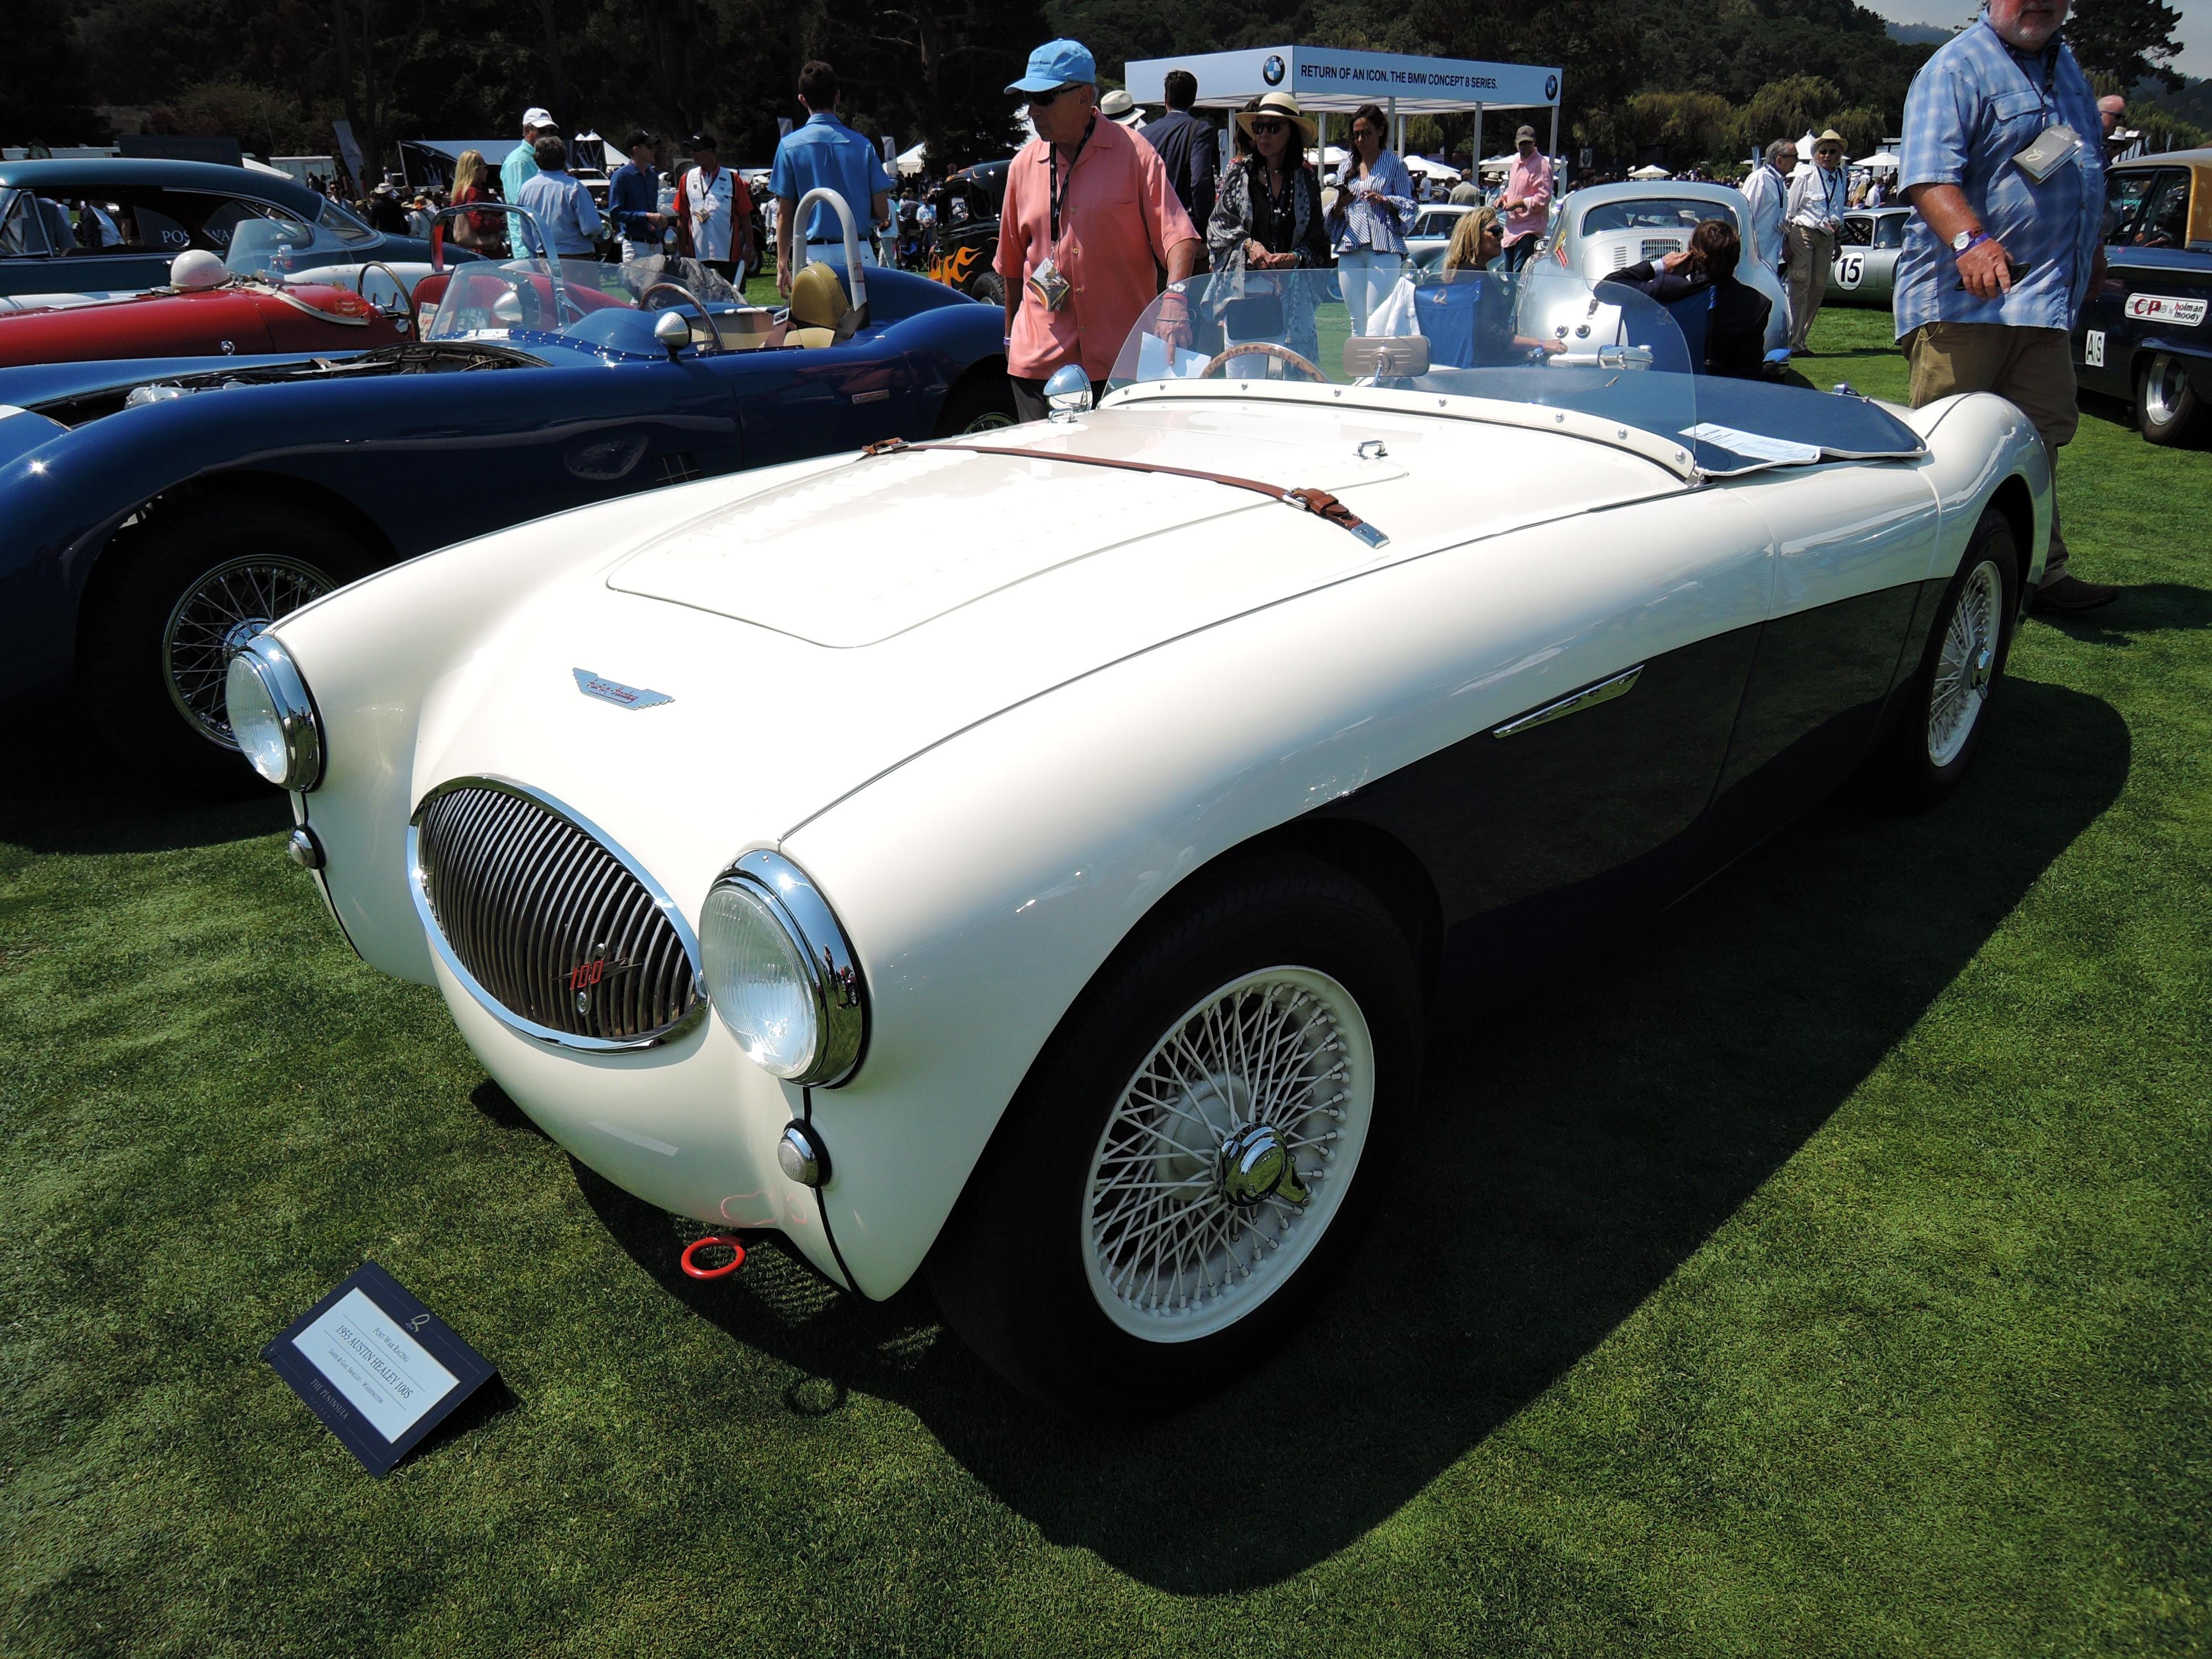 white/blue 1955 Austin Healey 100S - The Quail 2017